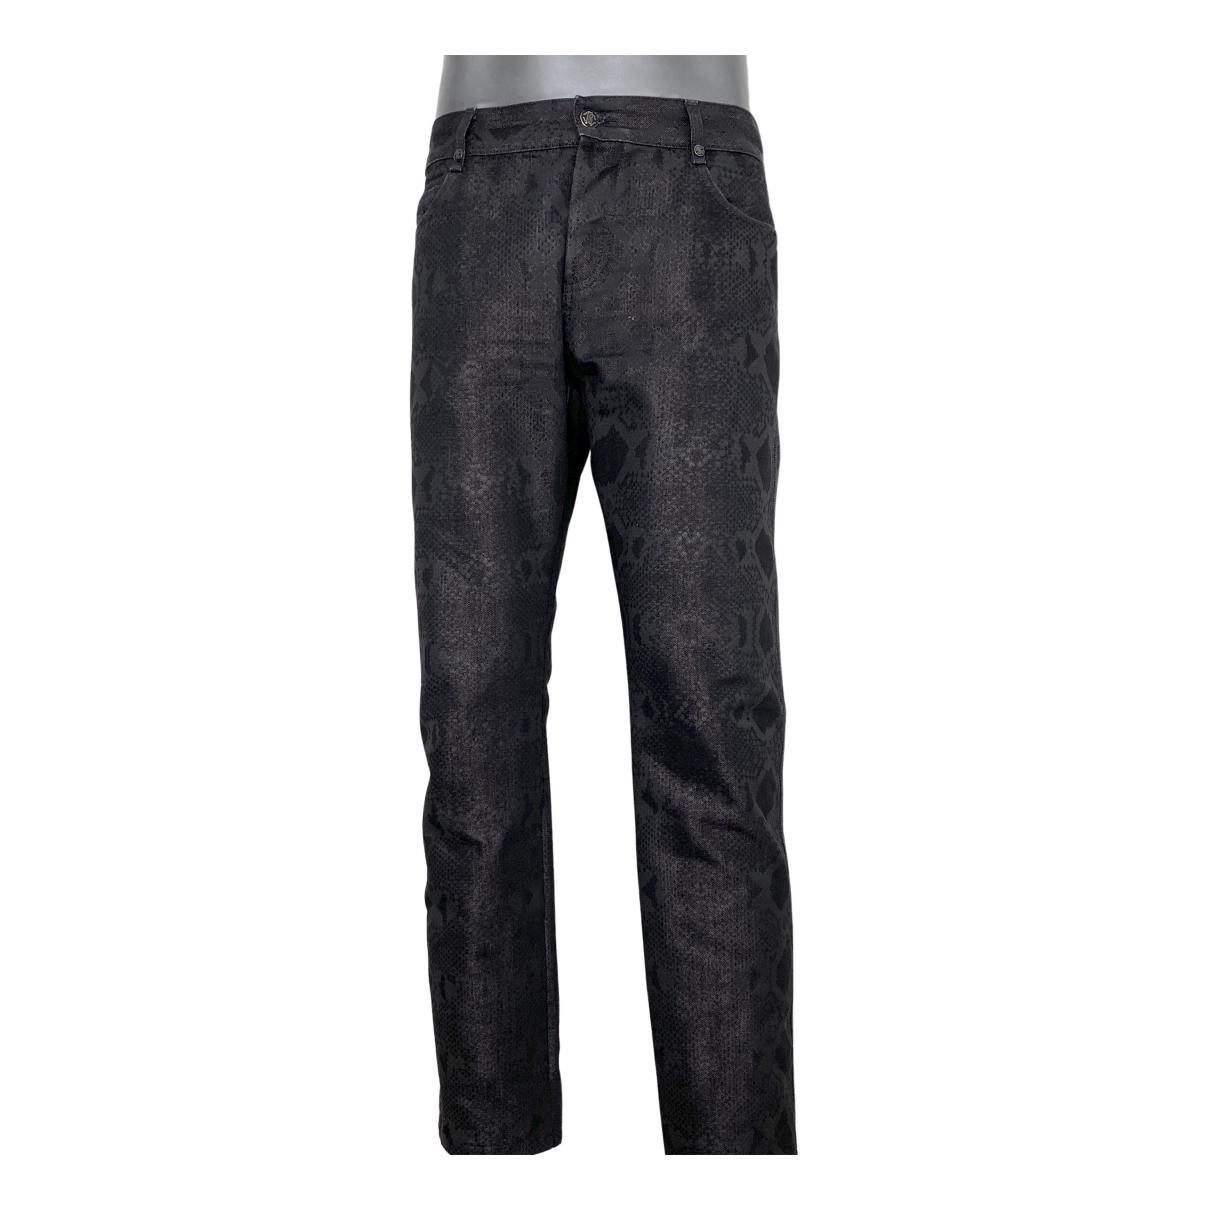 Pantalones en Algodon Negro Roberto Cavalli